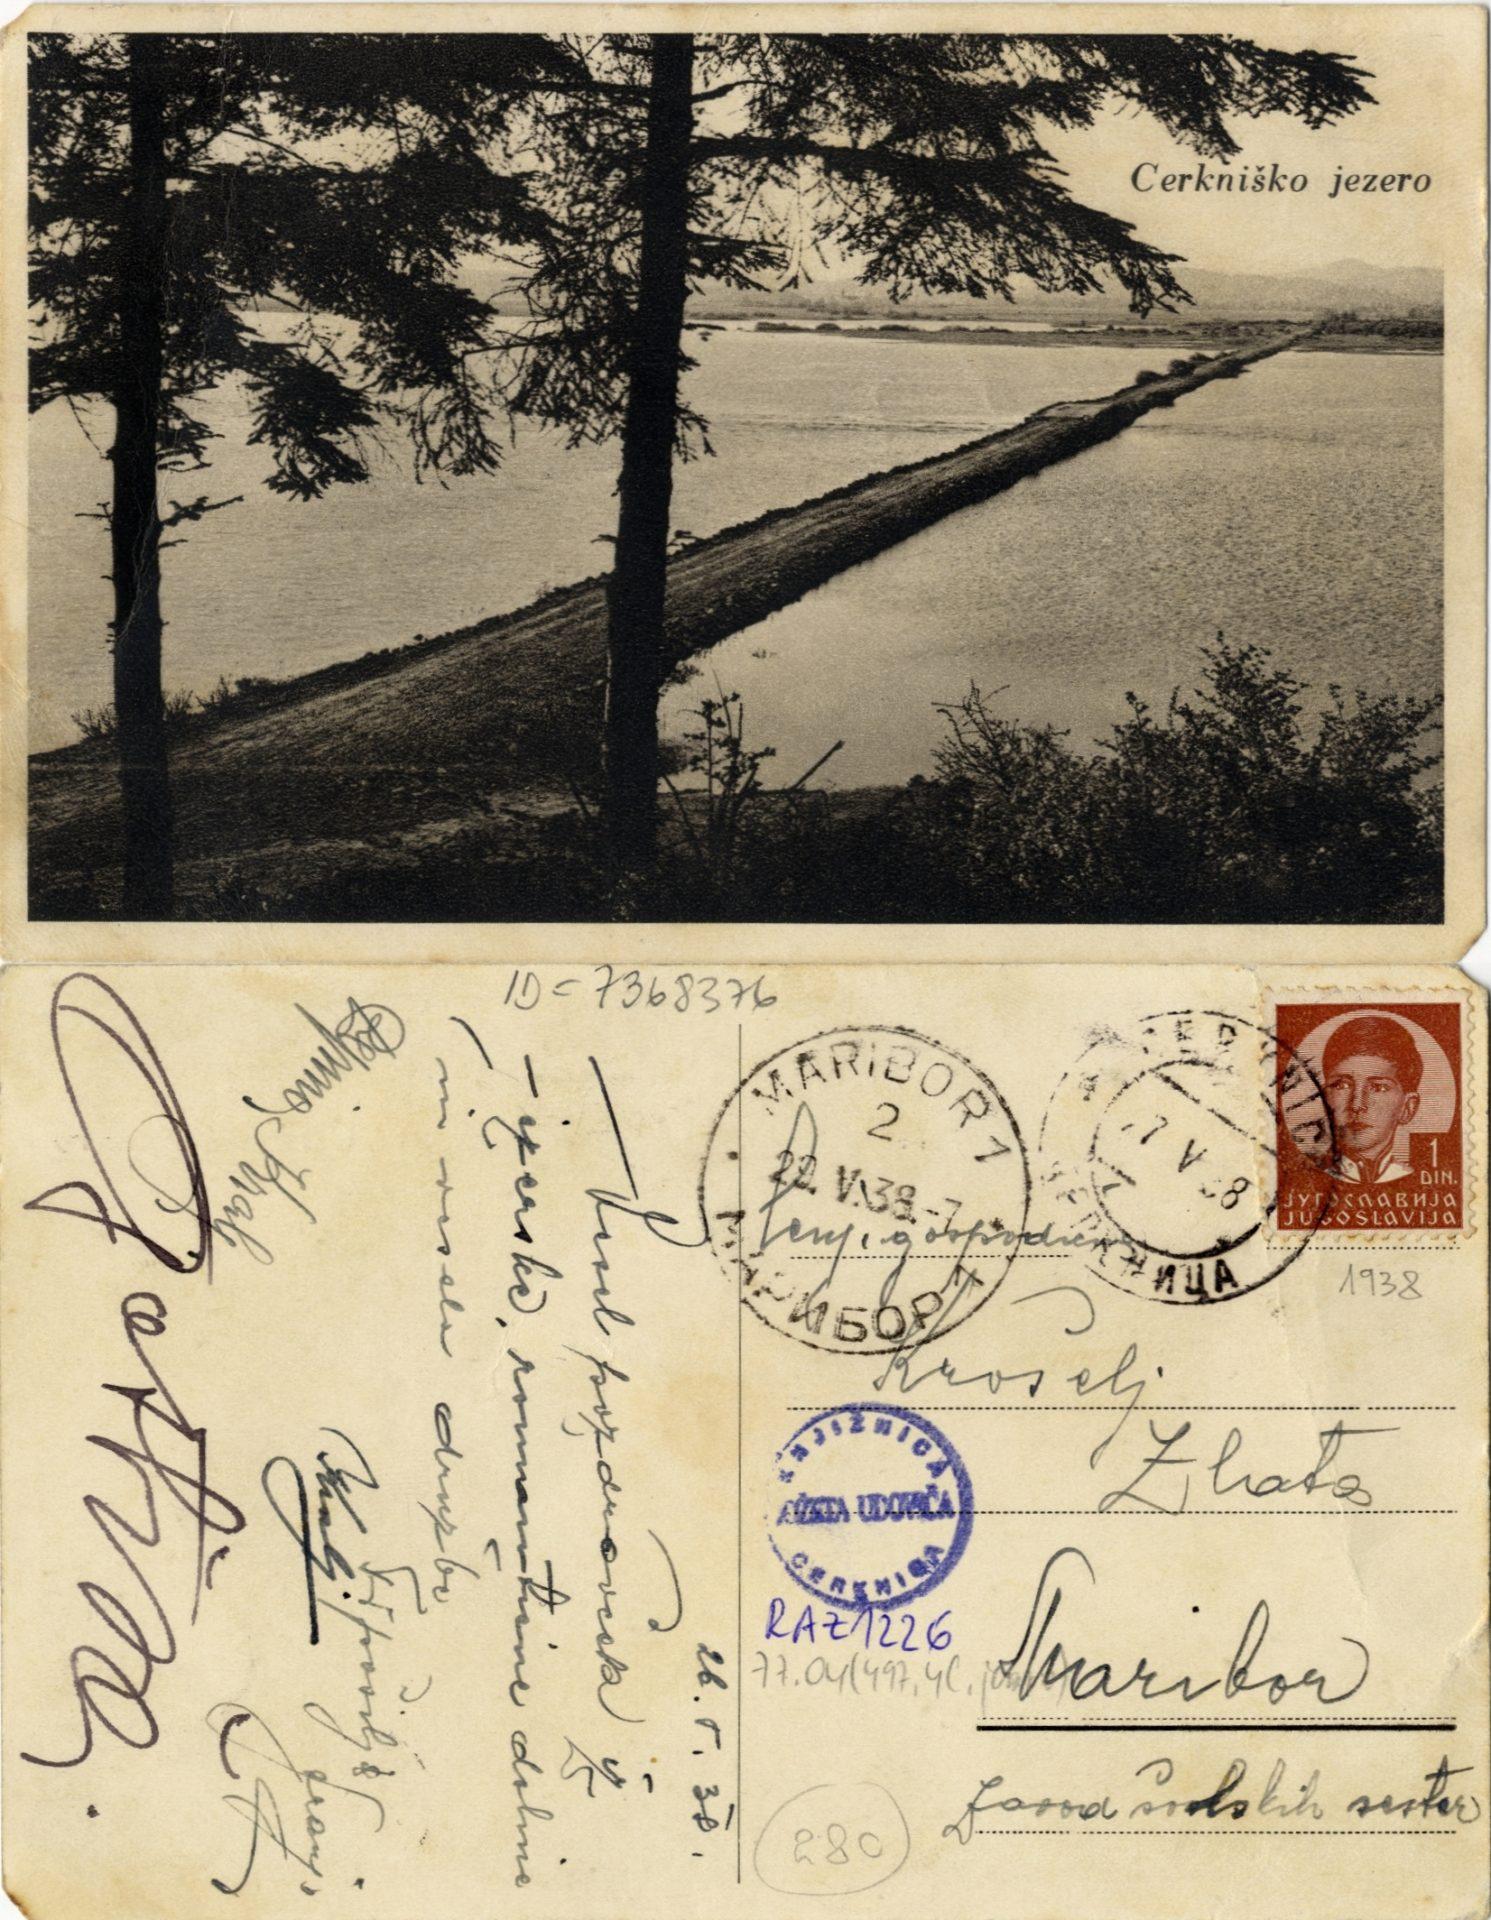 zlimano 13 - Cerkniško jezero